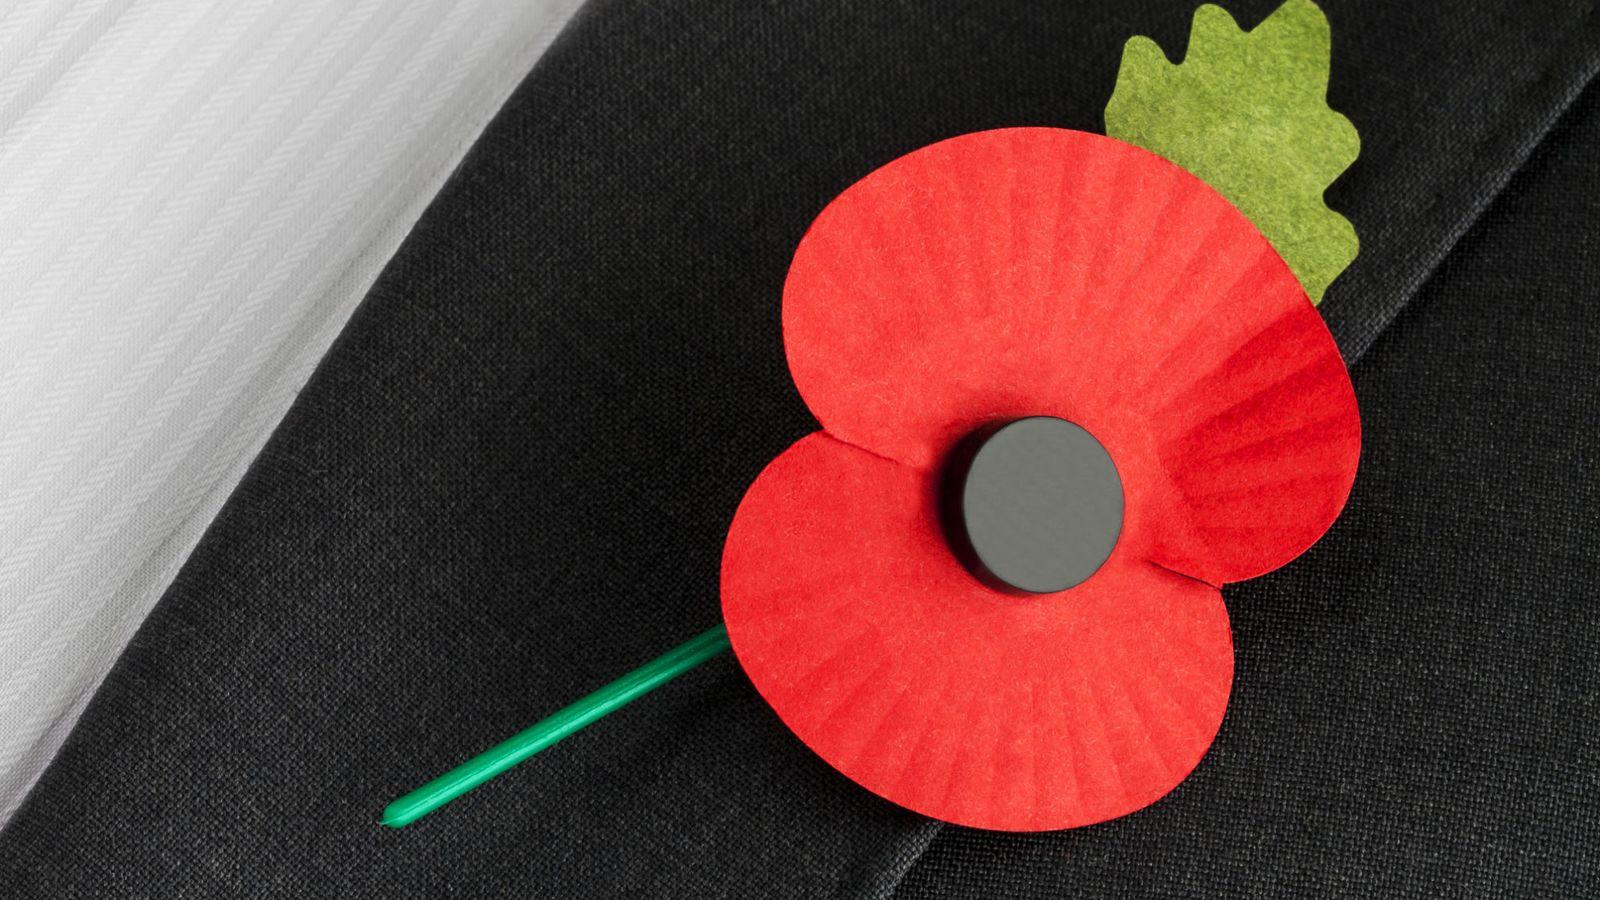 Εσύ θα φόραγες σύμβολο μνήμης και τιμής για Τούρκους  0f7c33b3ab7